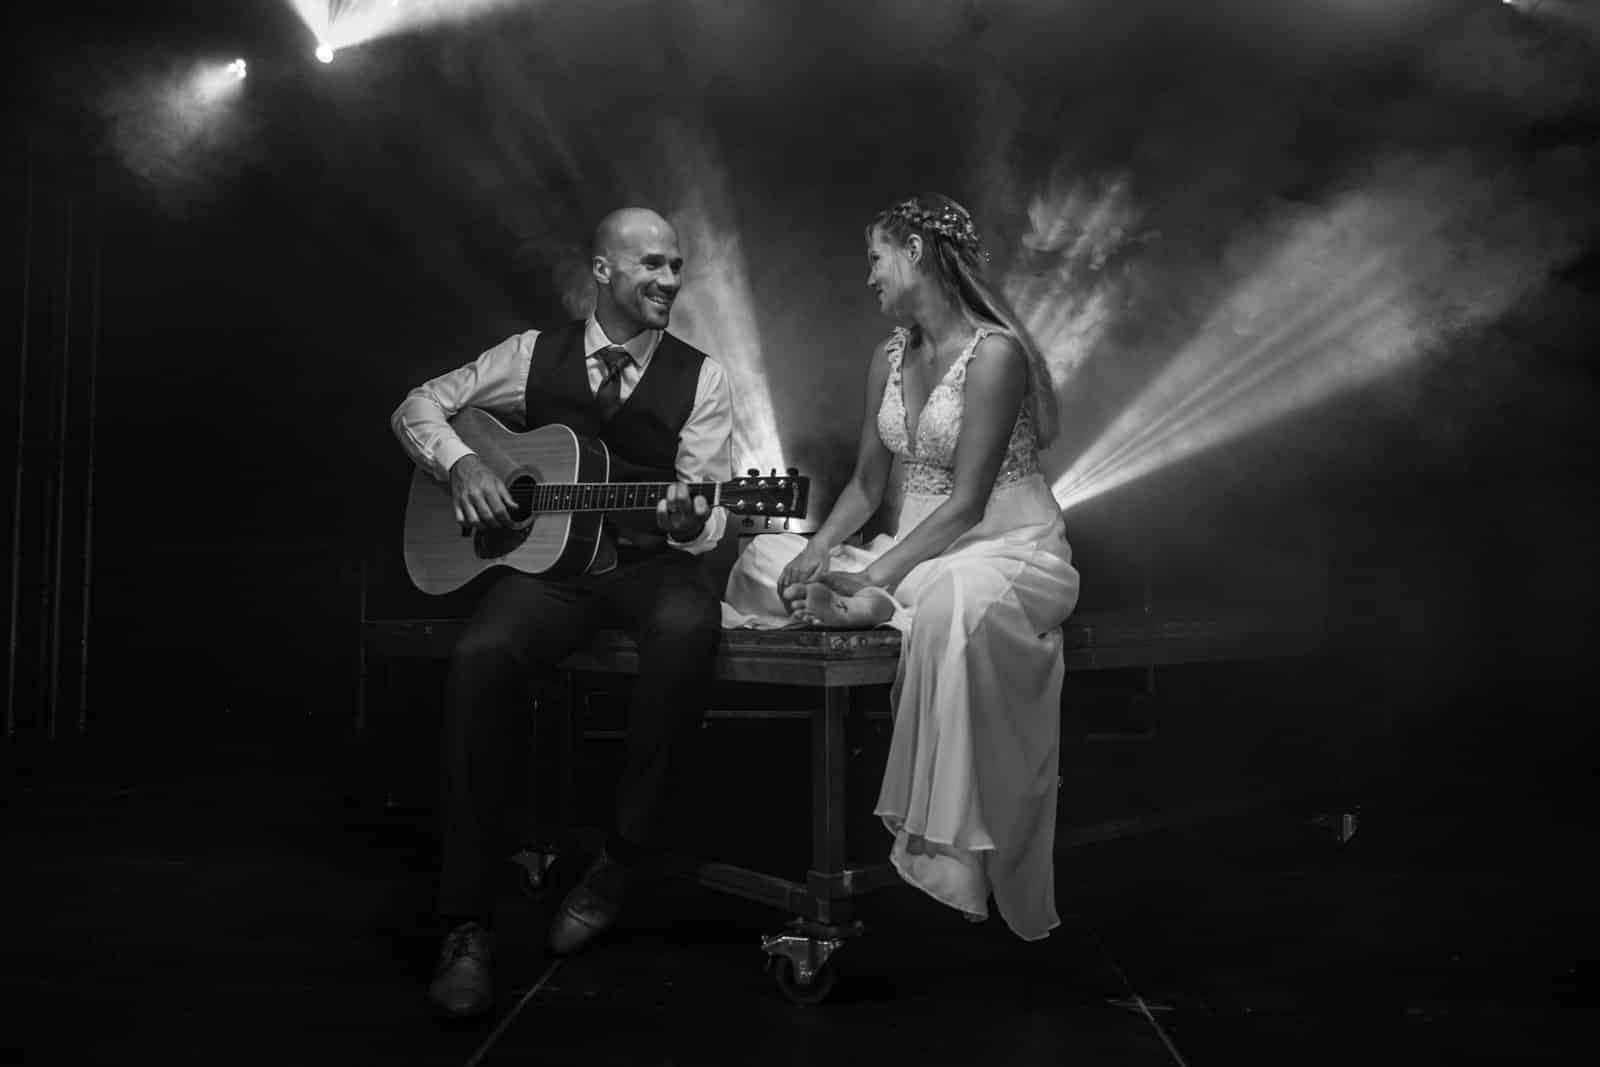 Brautpaar sitzt auf einer Bühne und der Bräutigam spielt Gitarre, Braut hört zu.